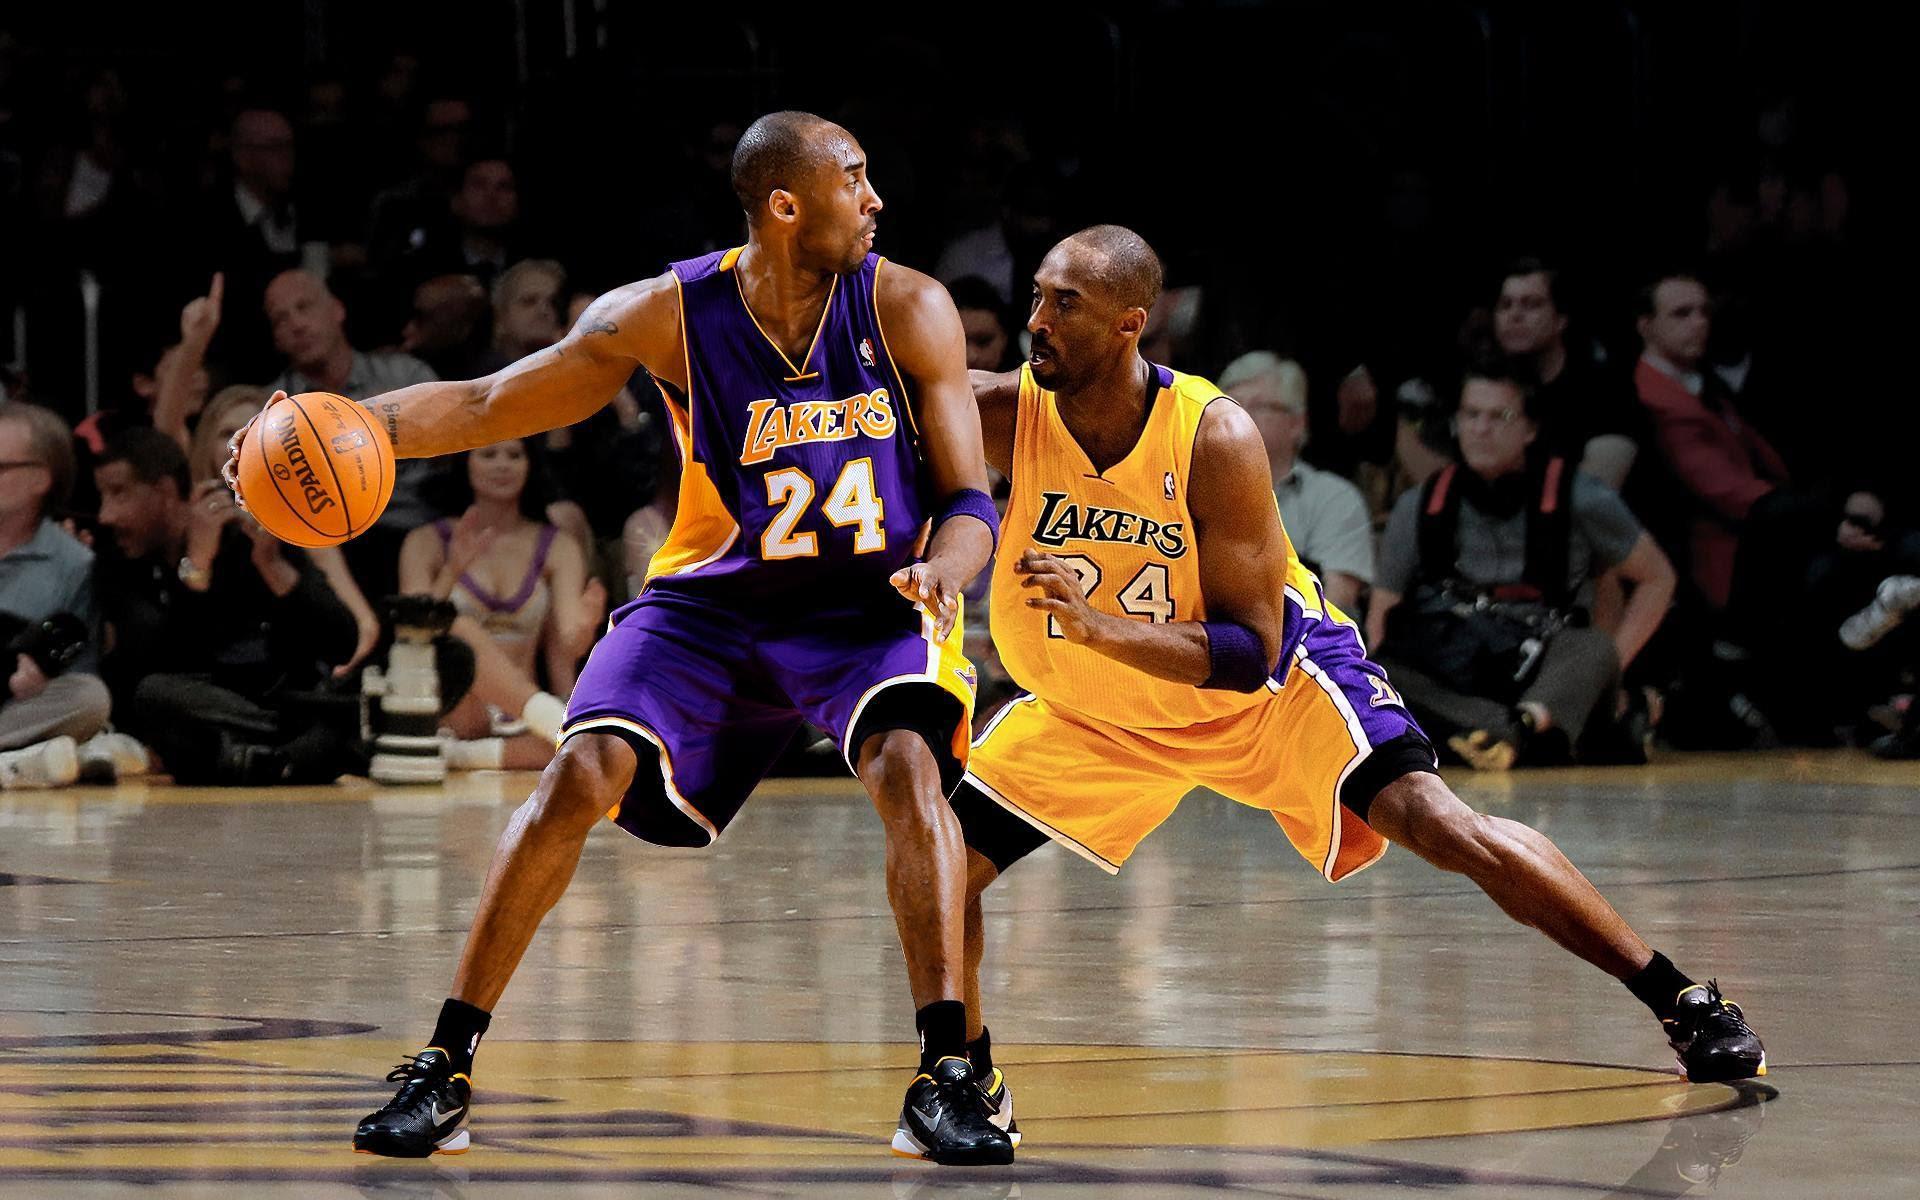 Vidéo: tous les game winners en carrière de Kobe Bryant